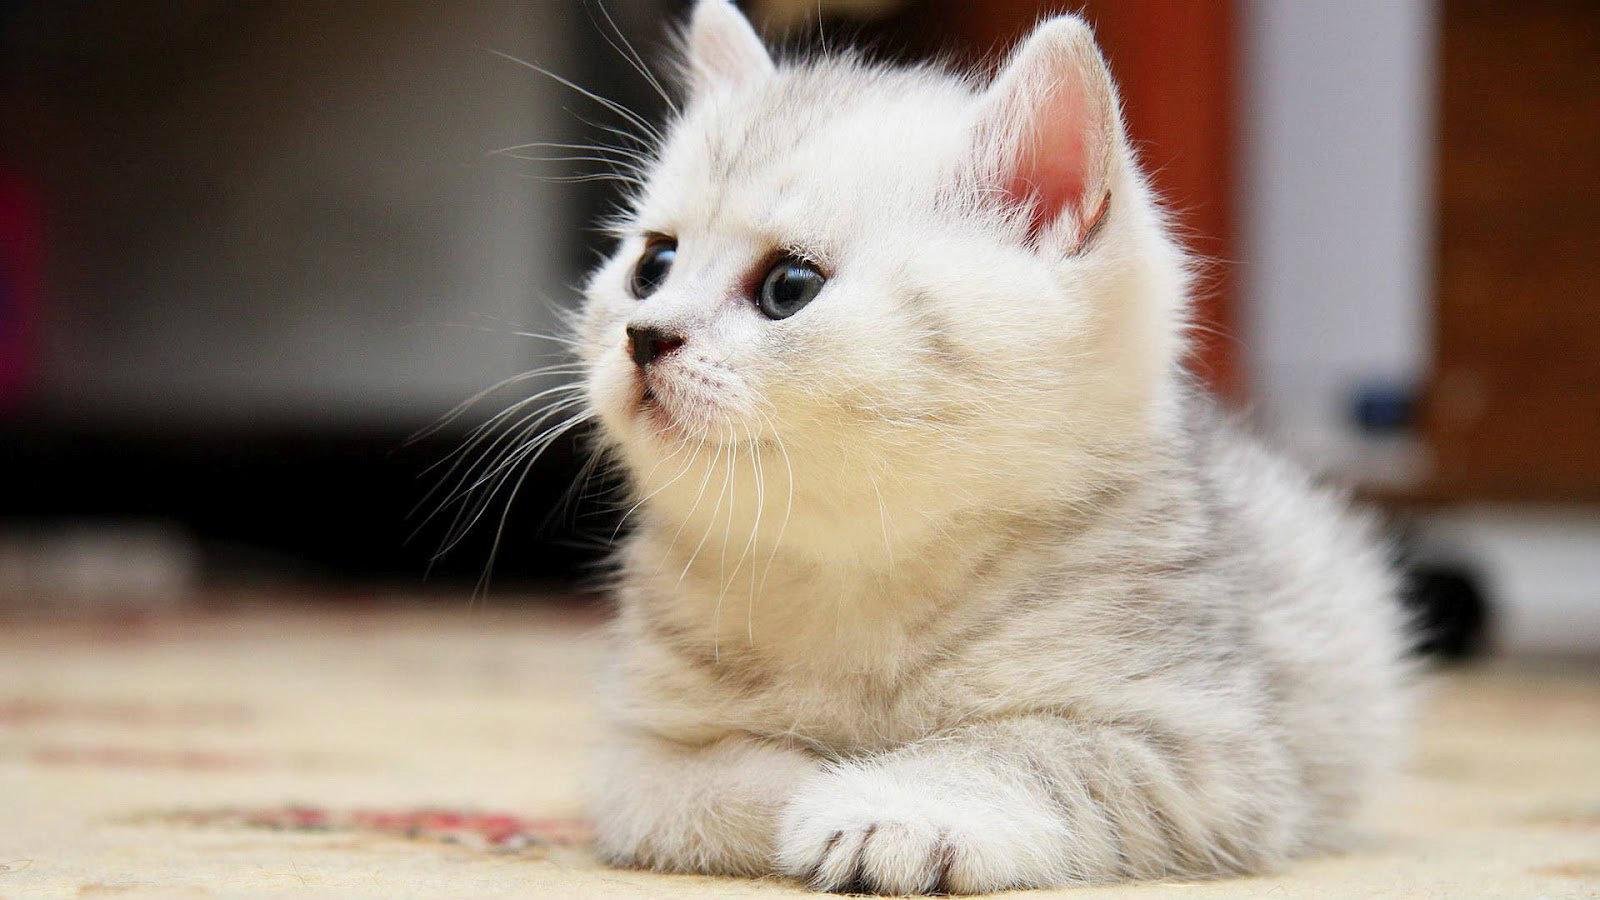 صور انواع قطط مختلفة ومعلومات عن حياة القطط 3